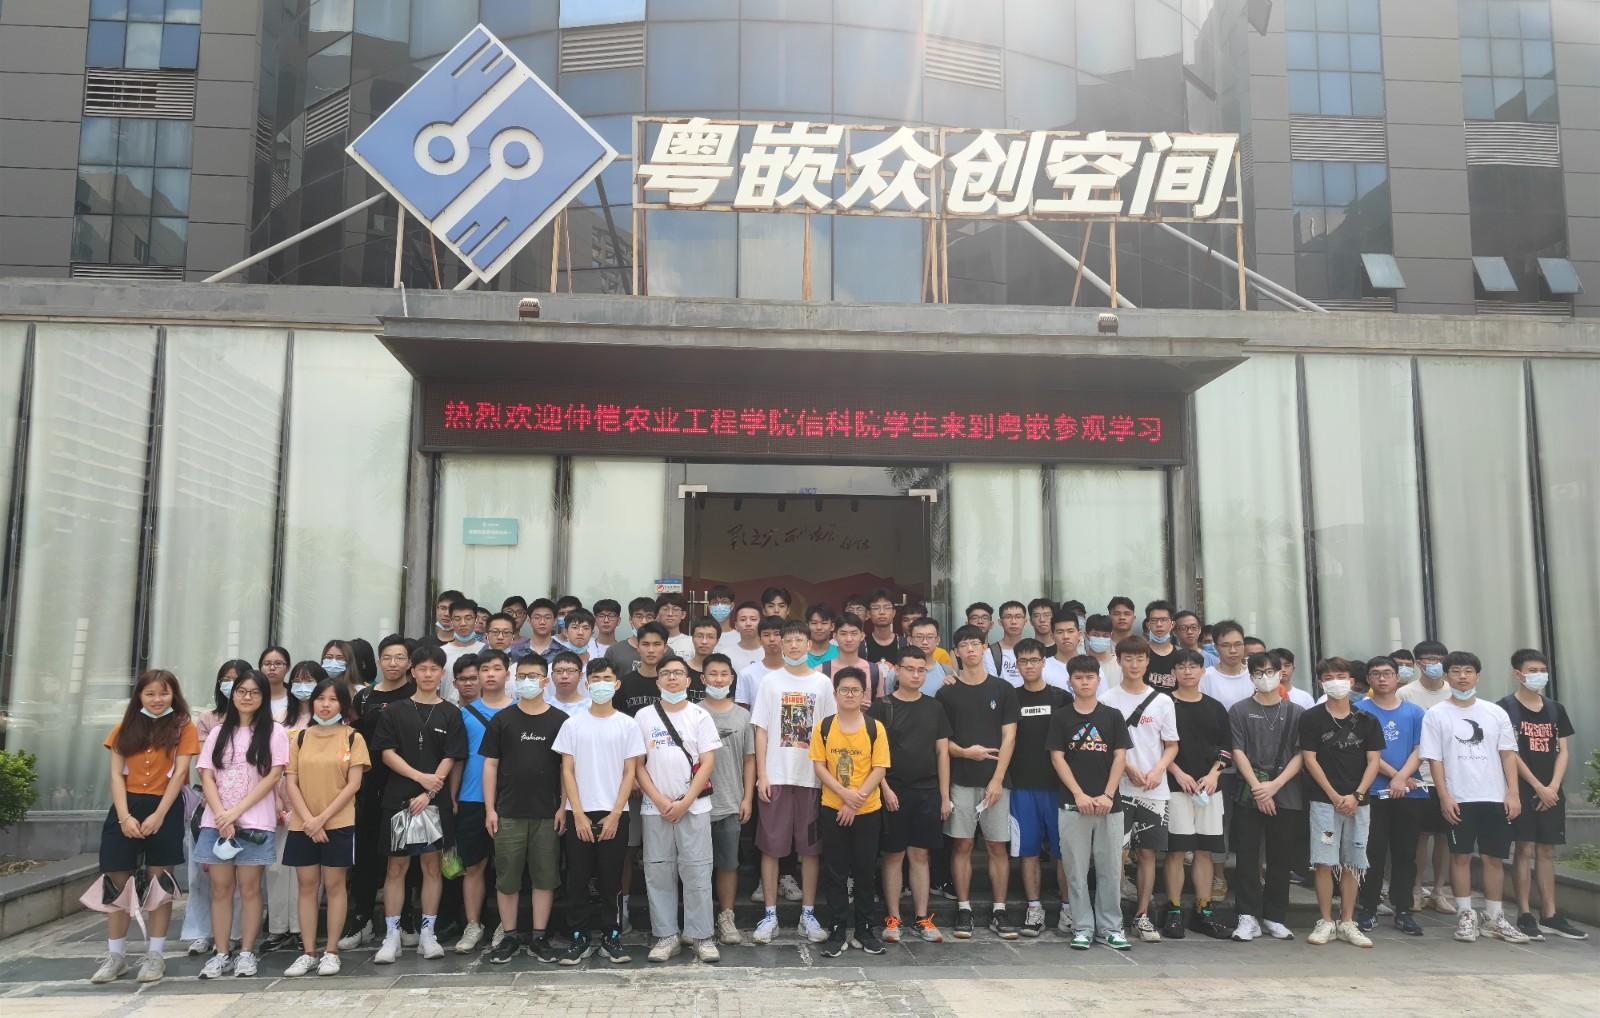 热烈欢迎仲恺农业工程学院信科院学生来到粤嵌参观学习